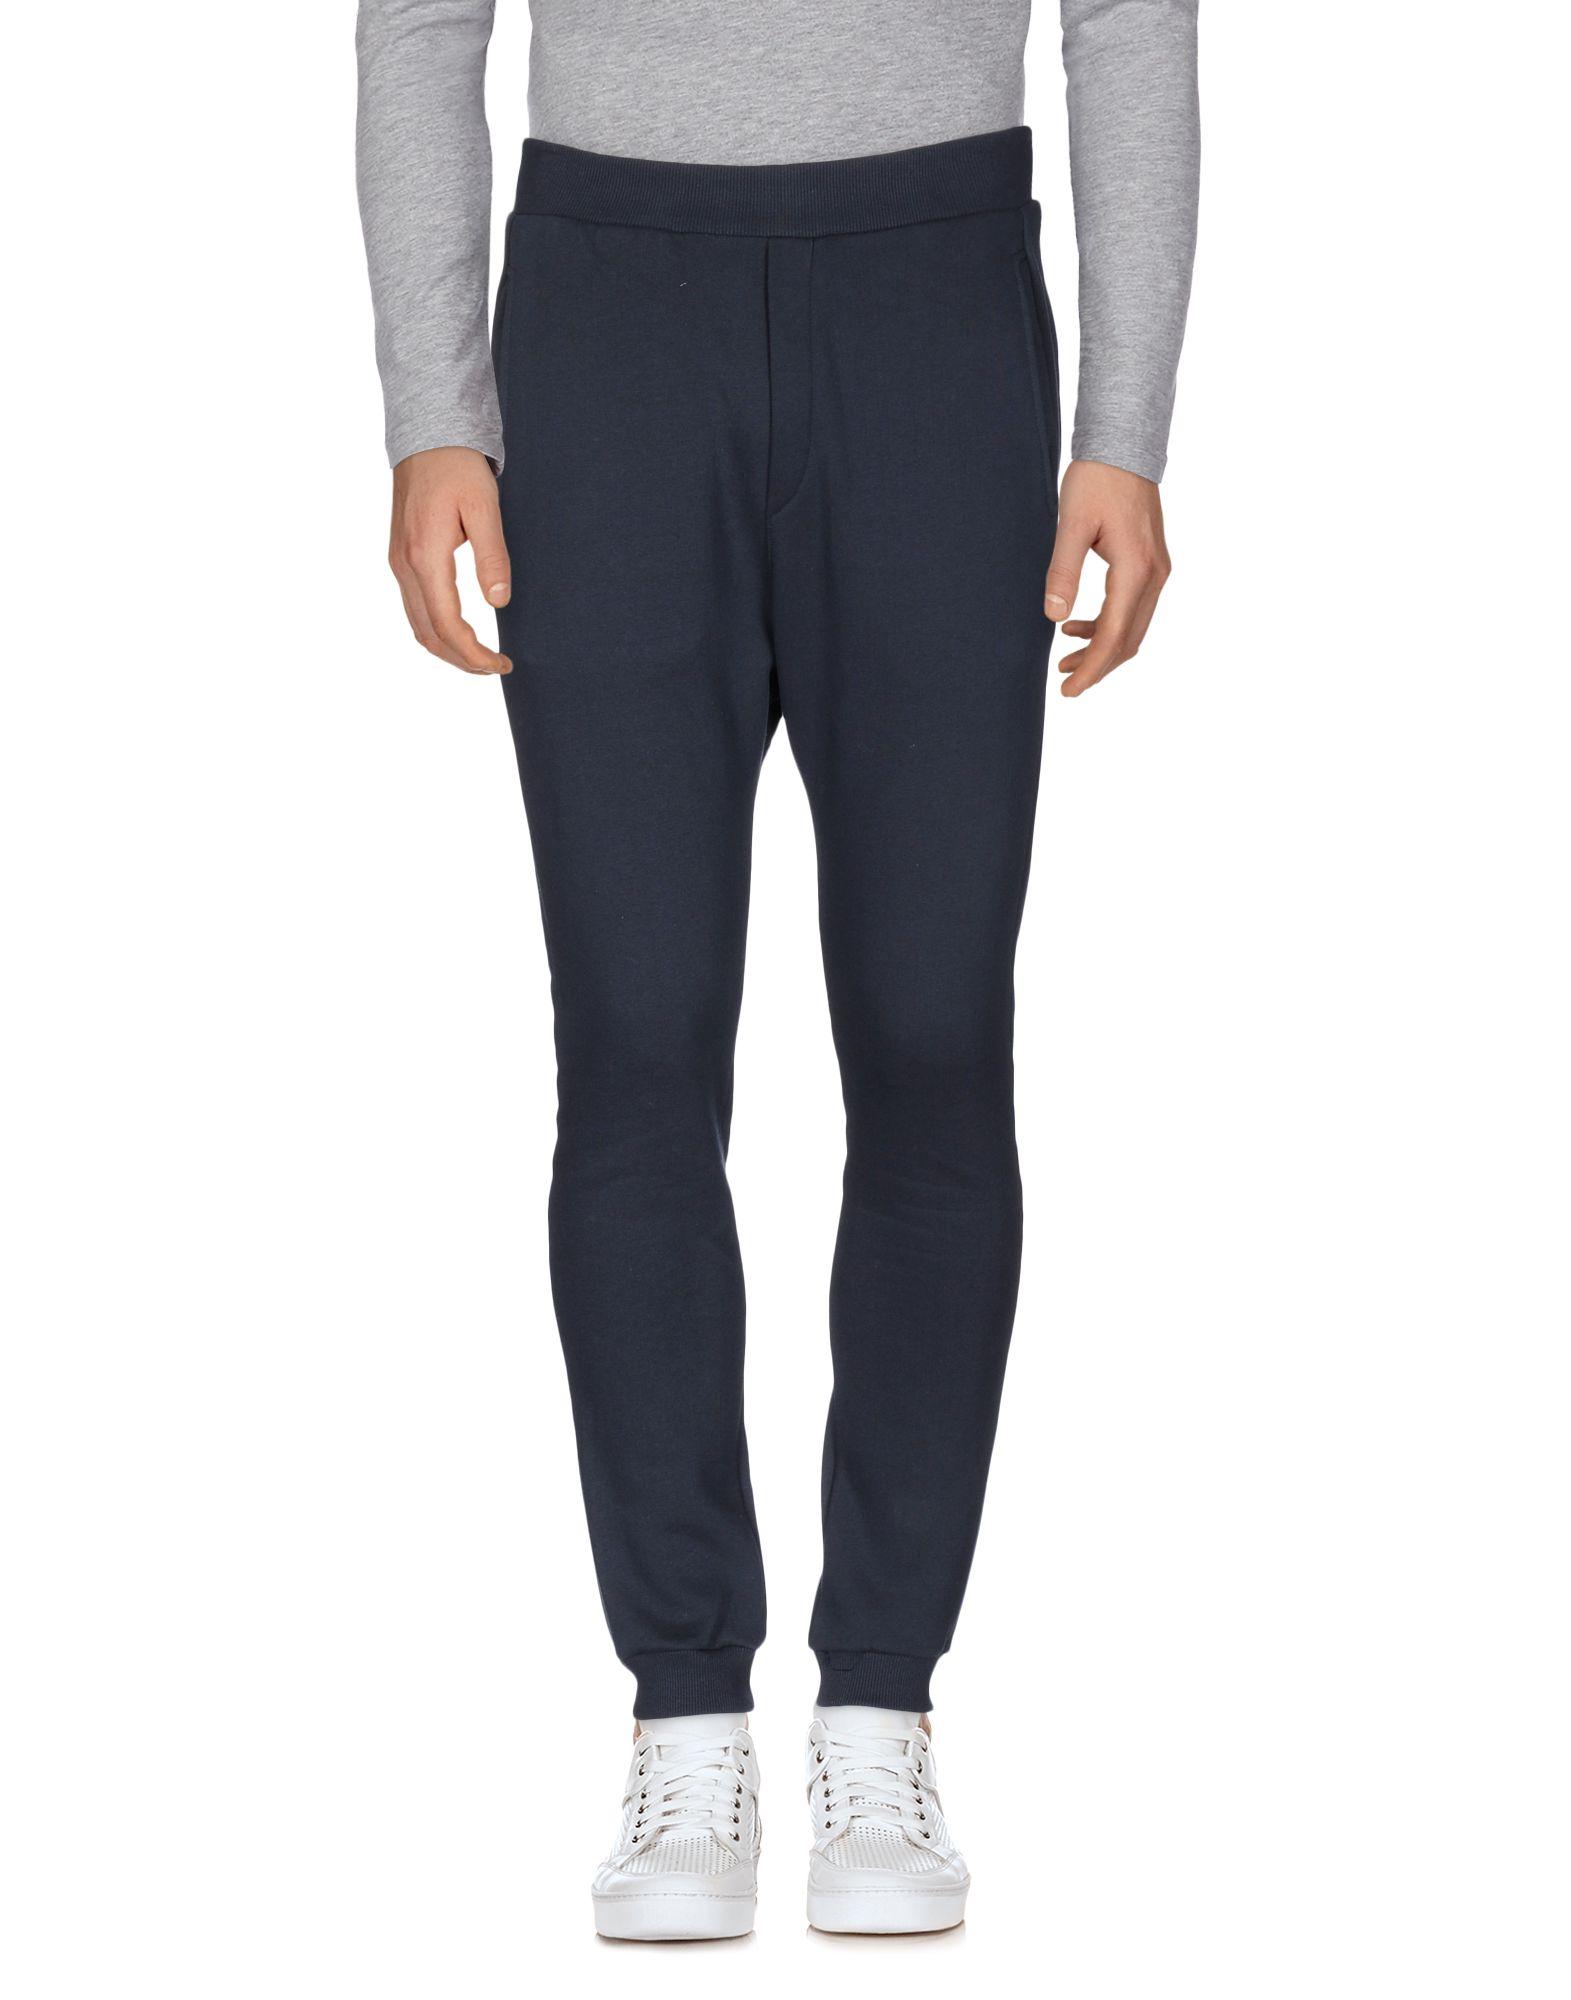 《送料無料》JOE RIVETTO メンズ パンツ ダークブルー S コットン 100%